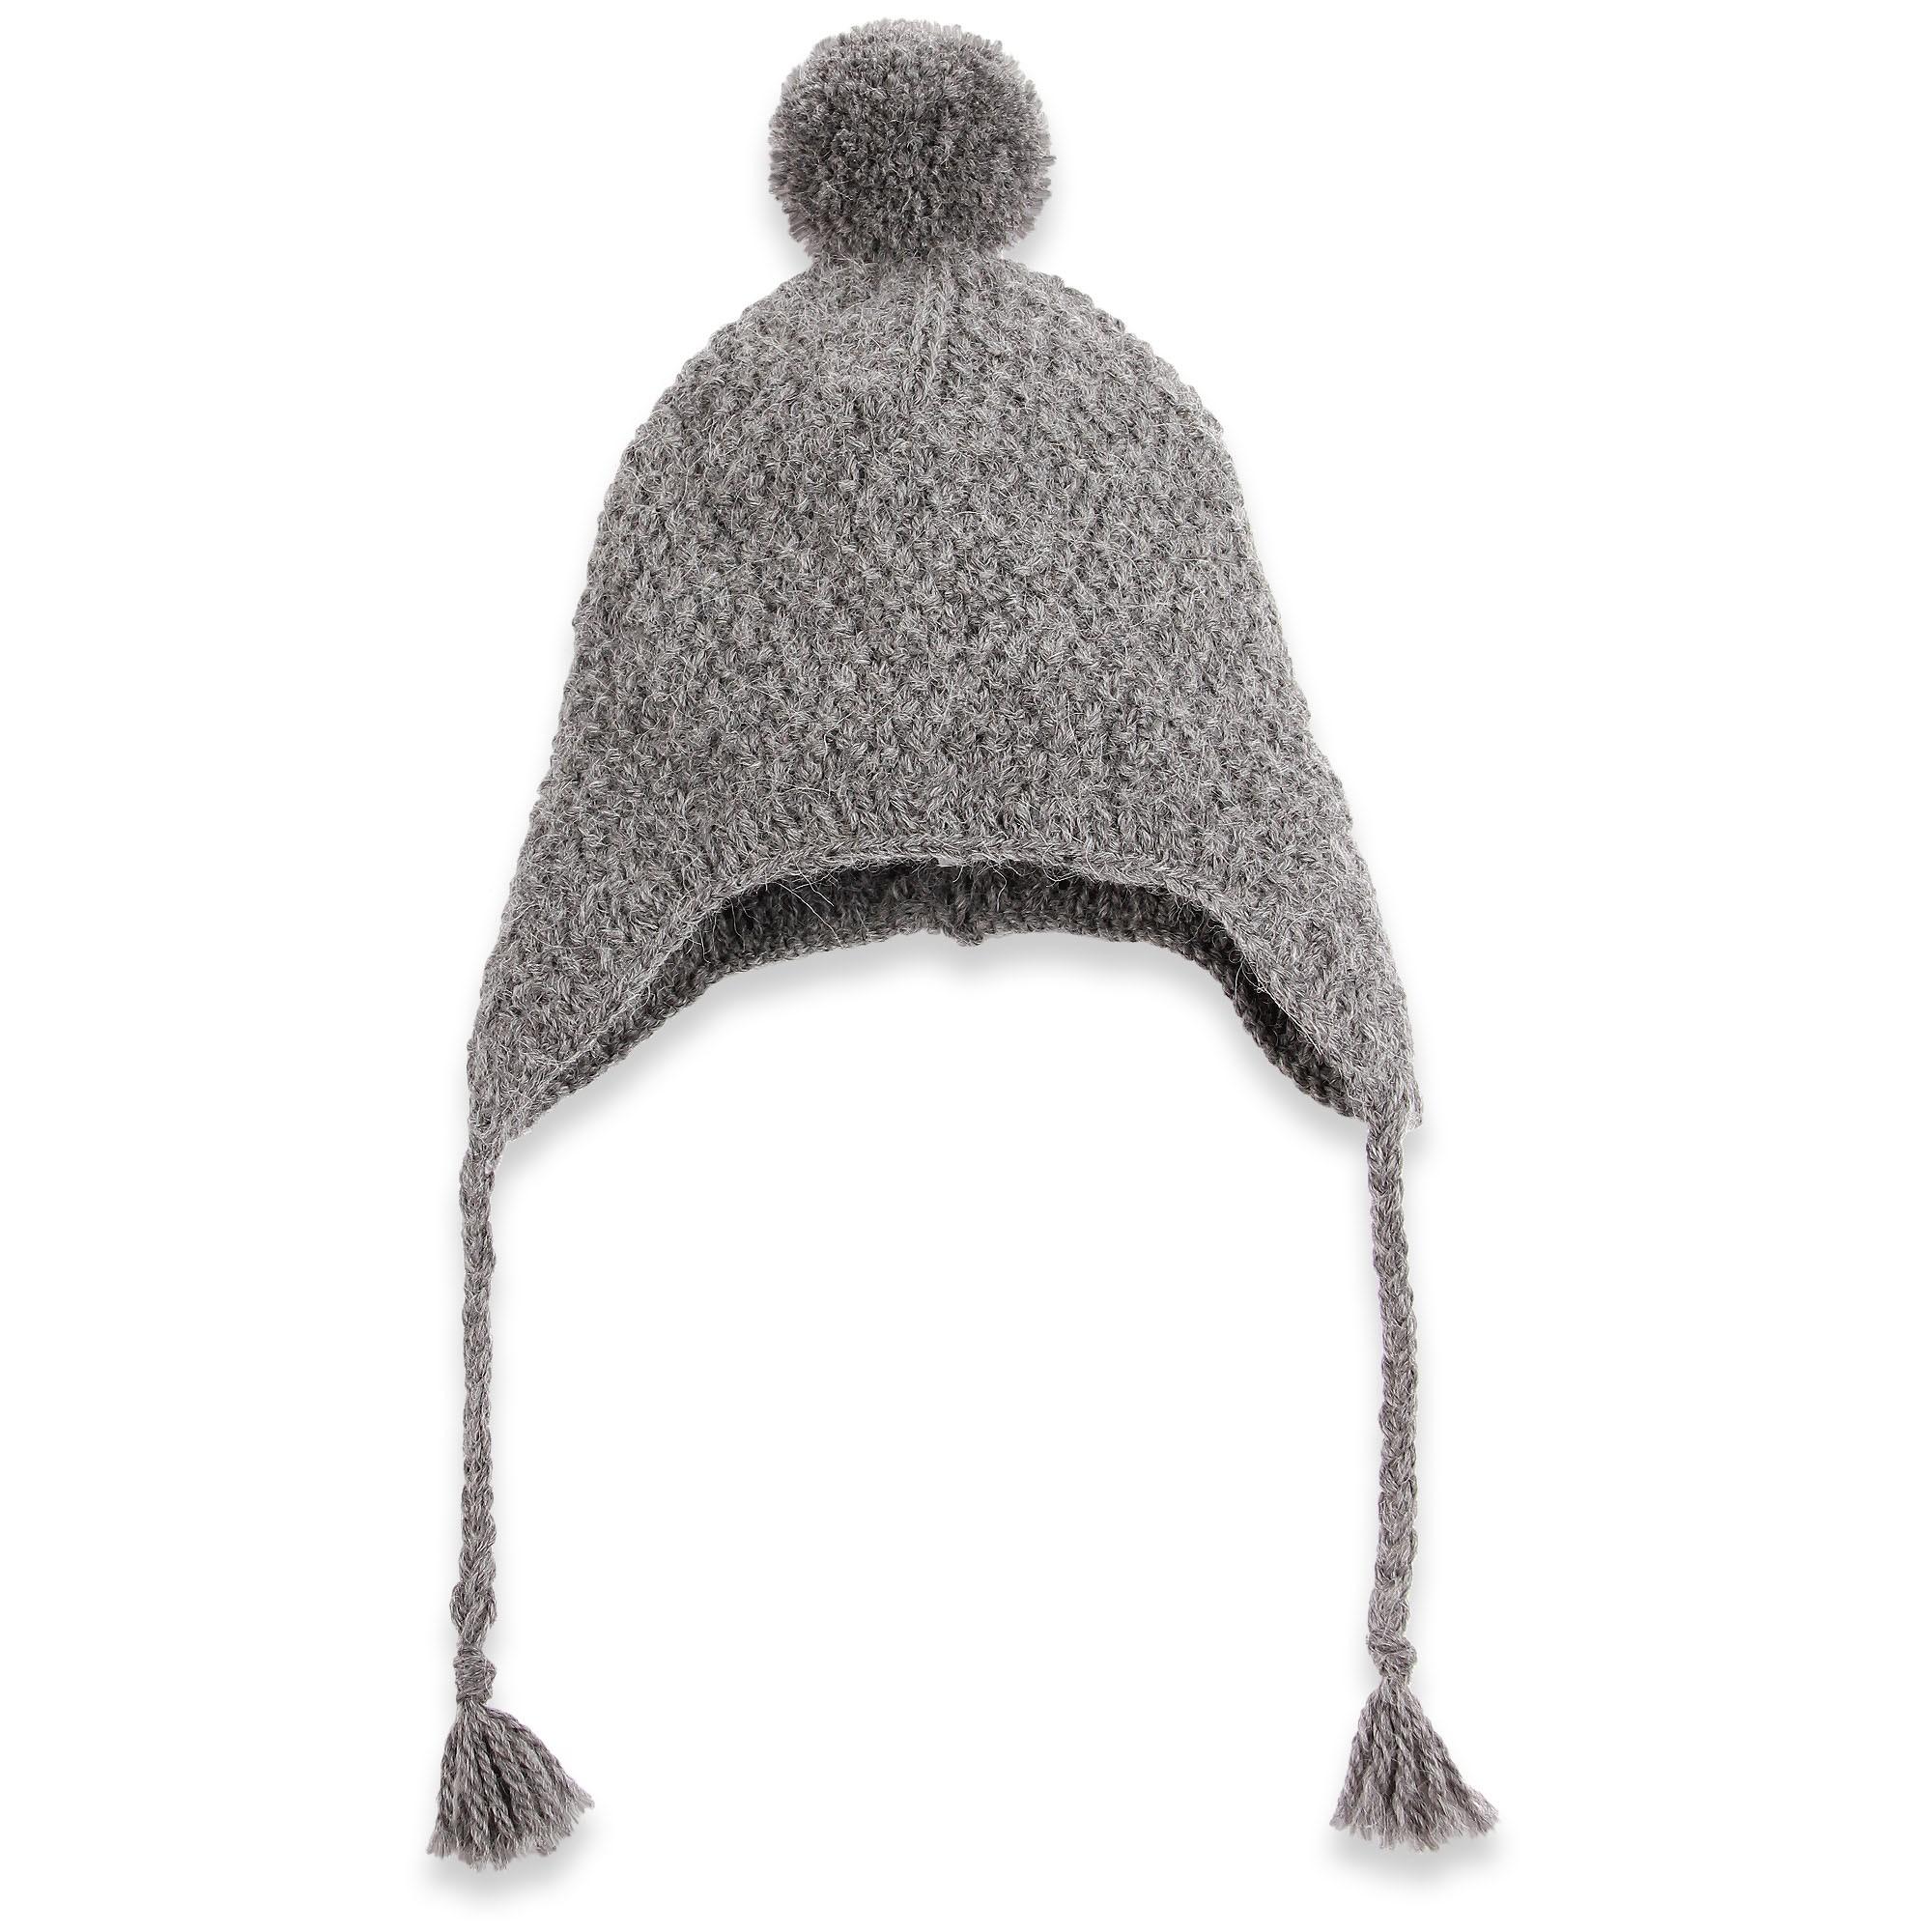 tricoter un bonnet style peruvien